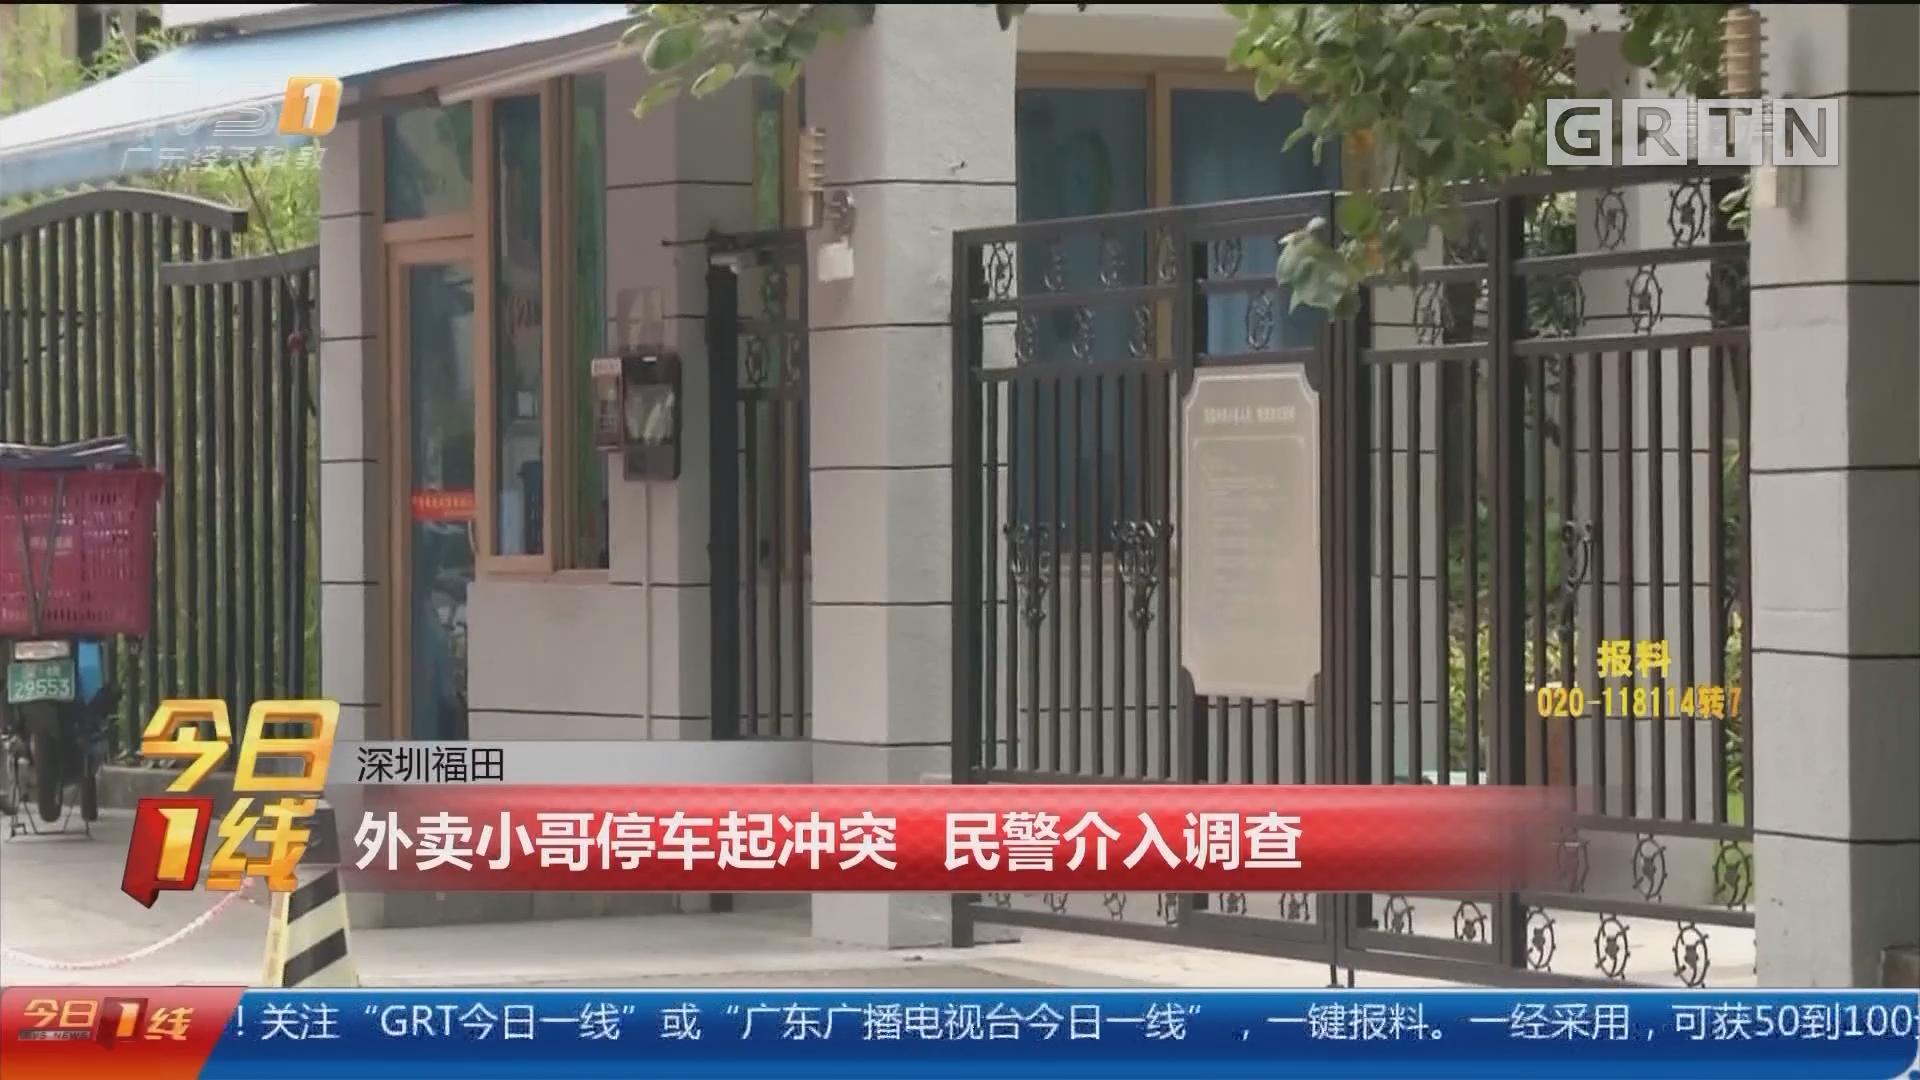 深圳福田:外卖小哥停车起冲突 民警介入调查